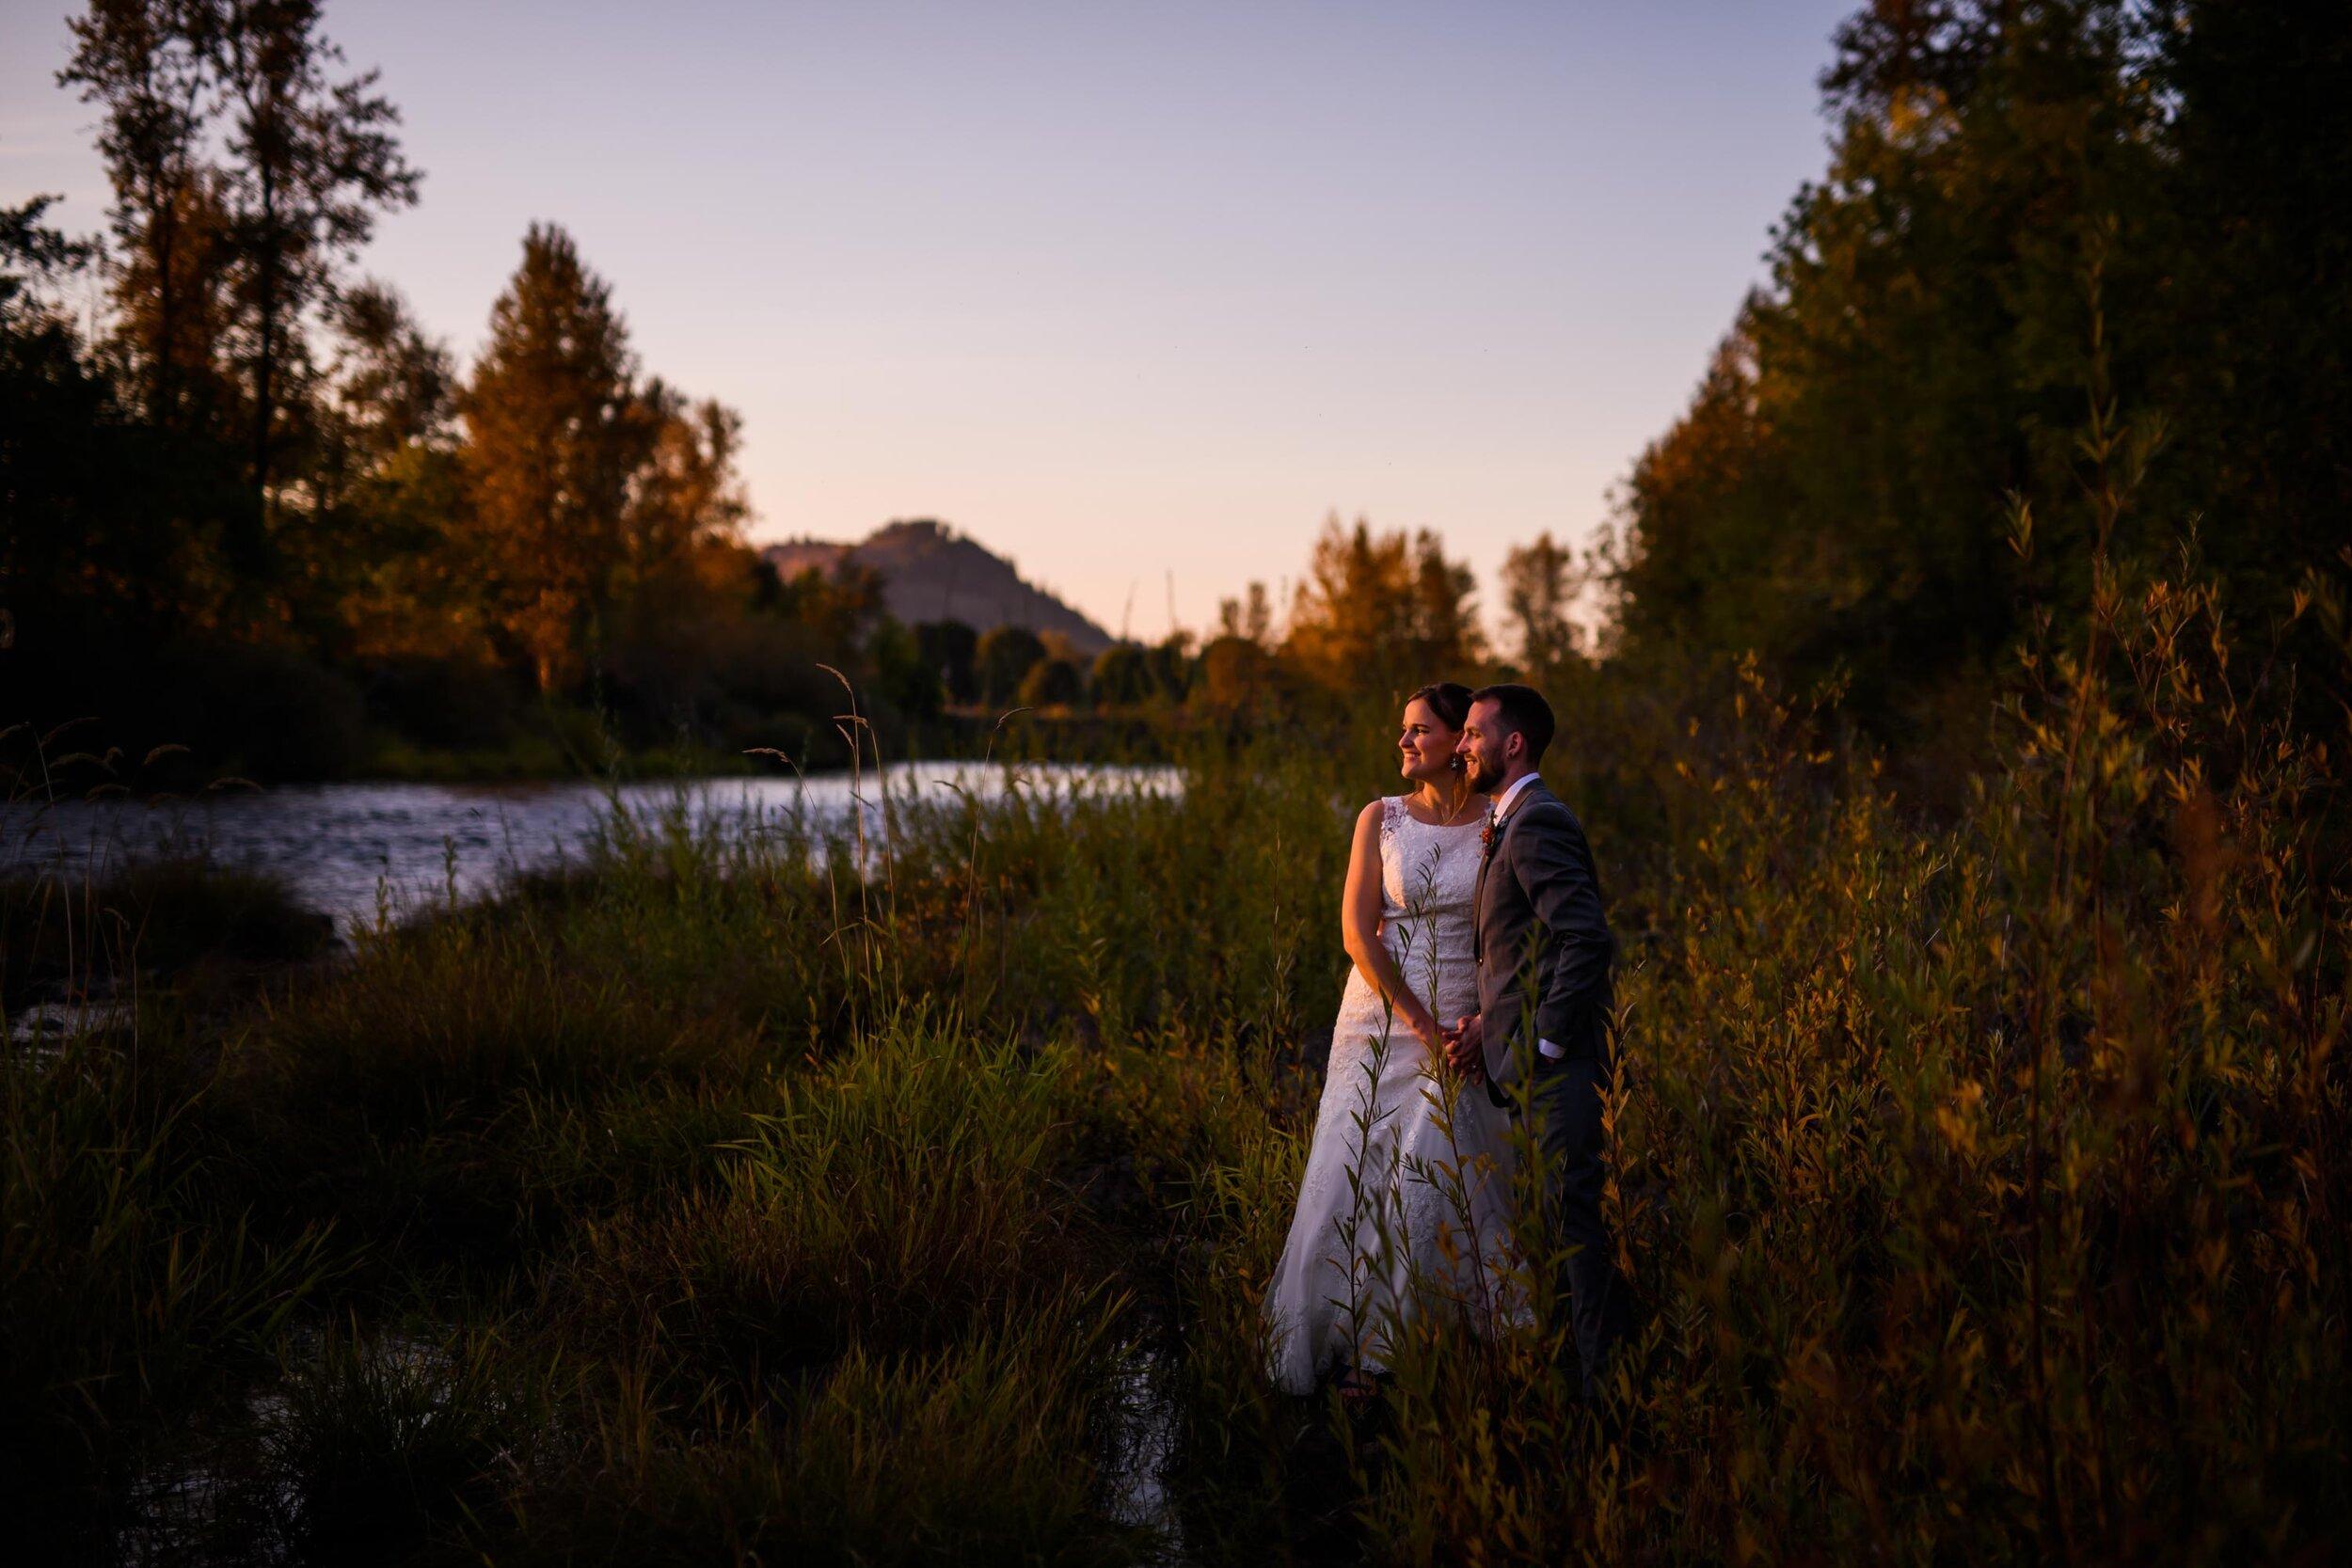 Mt. Pisgah Arboretum wedding photos 113.JPG